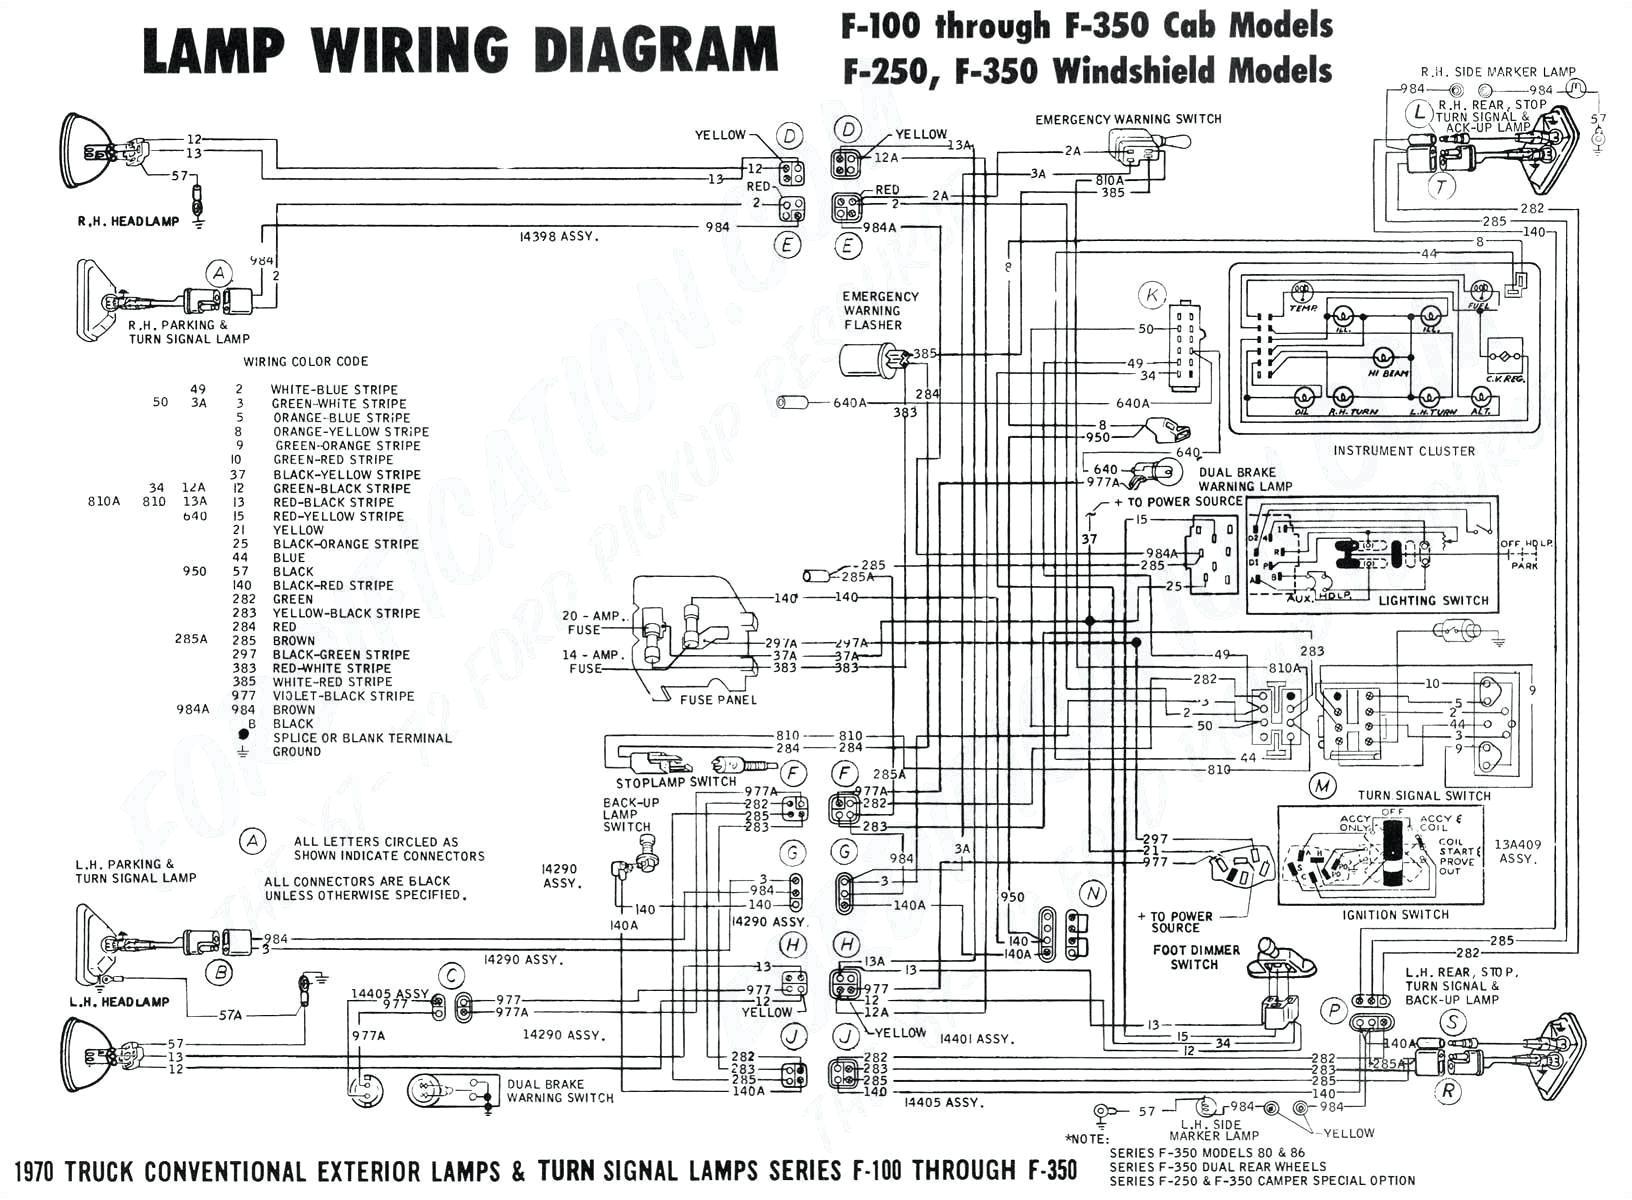 1979 gmc wiring schematic wiring diagram radio front speaker schematic diagram c k models for 1979 gmc light duty truck